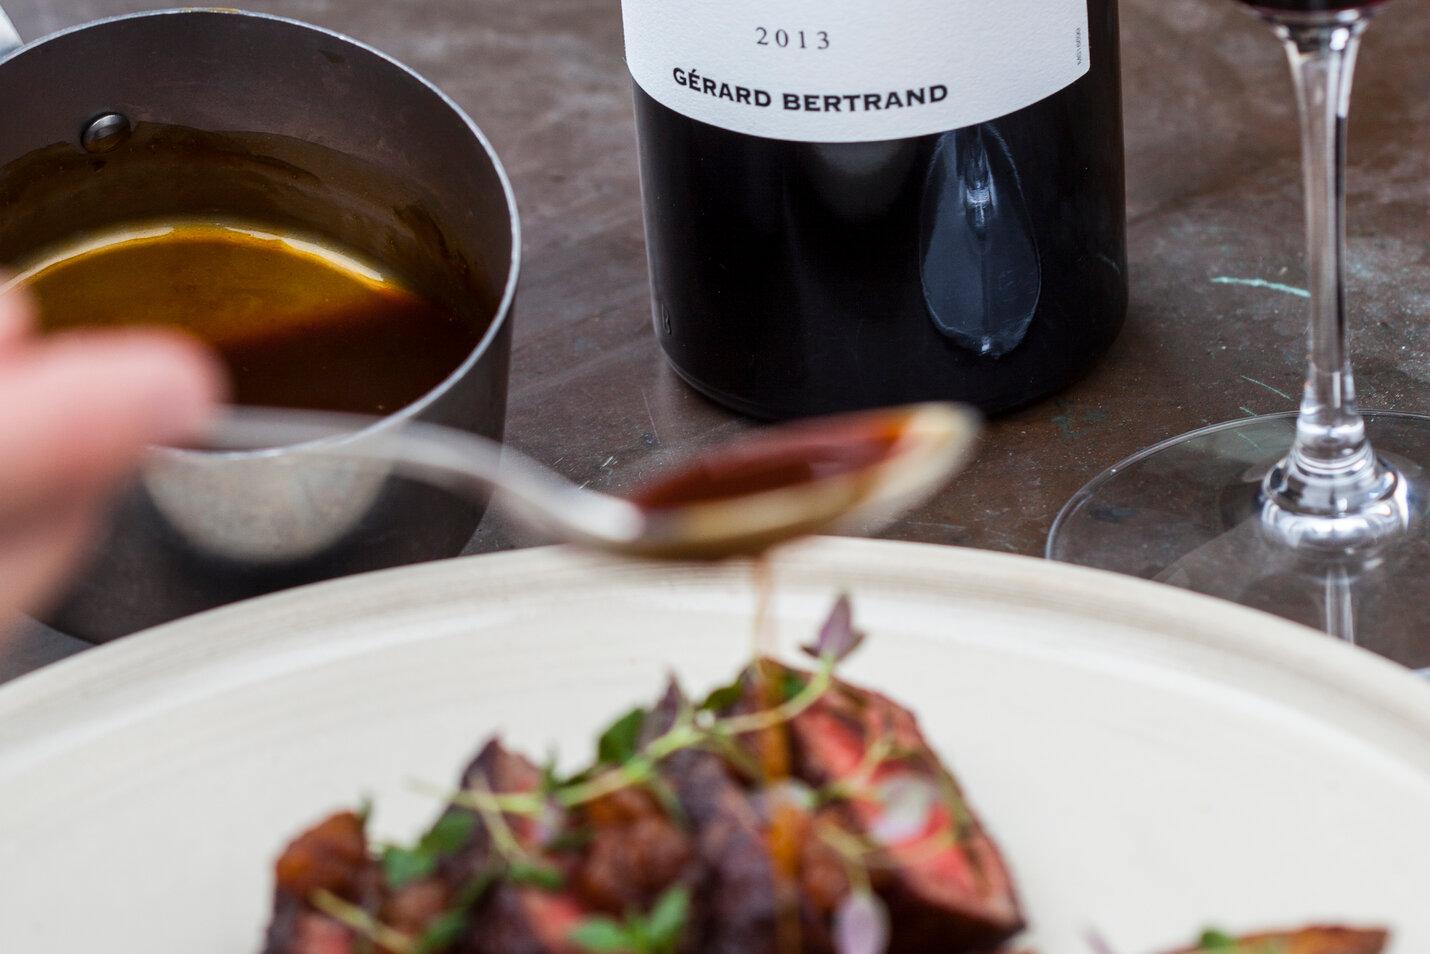 rødvinssauce, sauce, rødvin, opskrift, fremgangsmåde, tilberedning, mad, vin